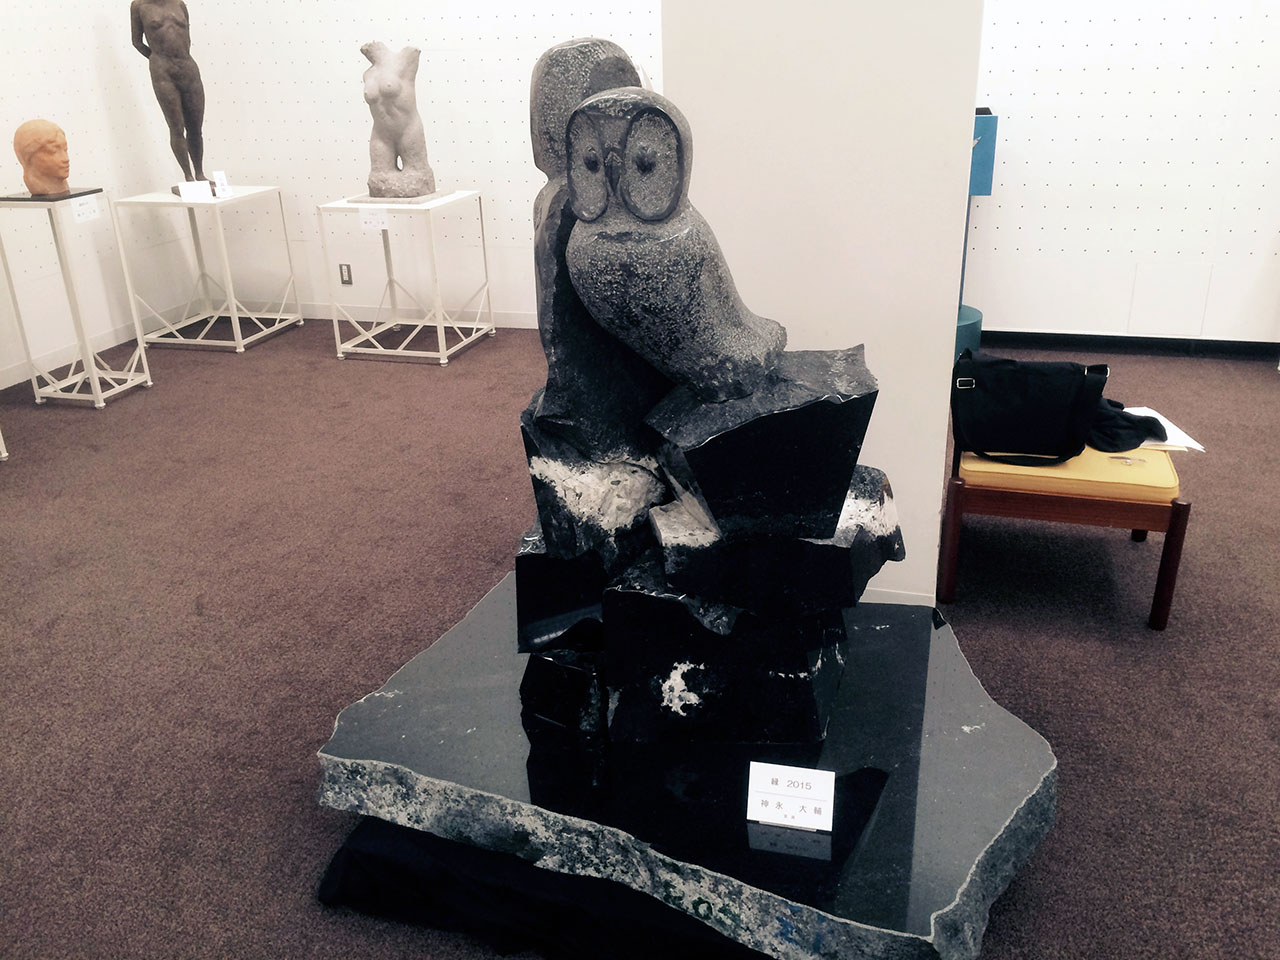 作品名「縁2015」神永大輔作福島県産黒御影石「浮金石」を使用して梟(ふくろう)を彫りました高さ約140cm重さ900kg(フクロウと台座の合計)送料別途見積り